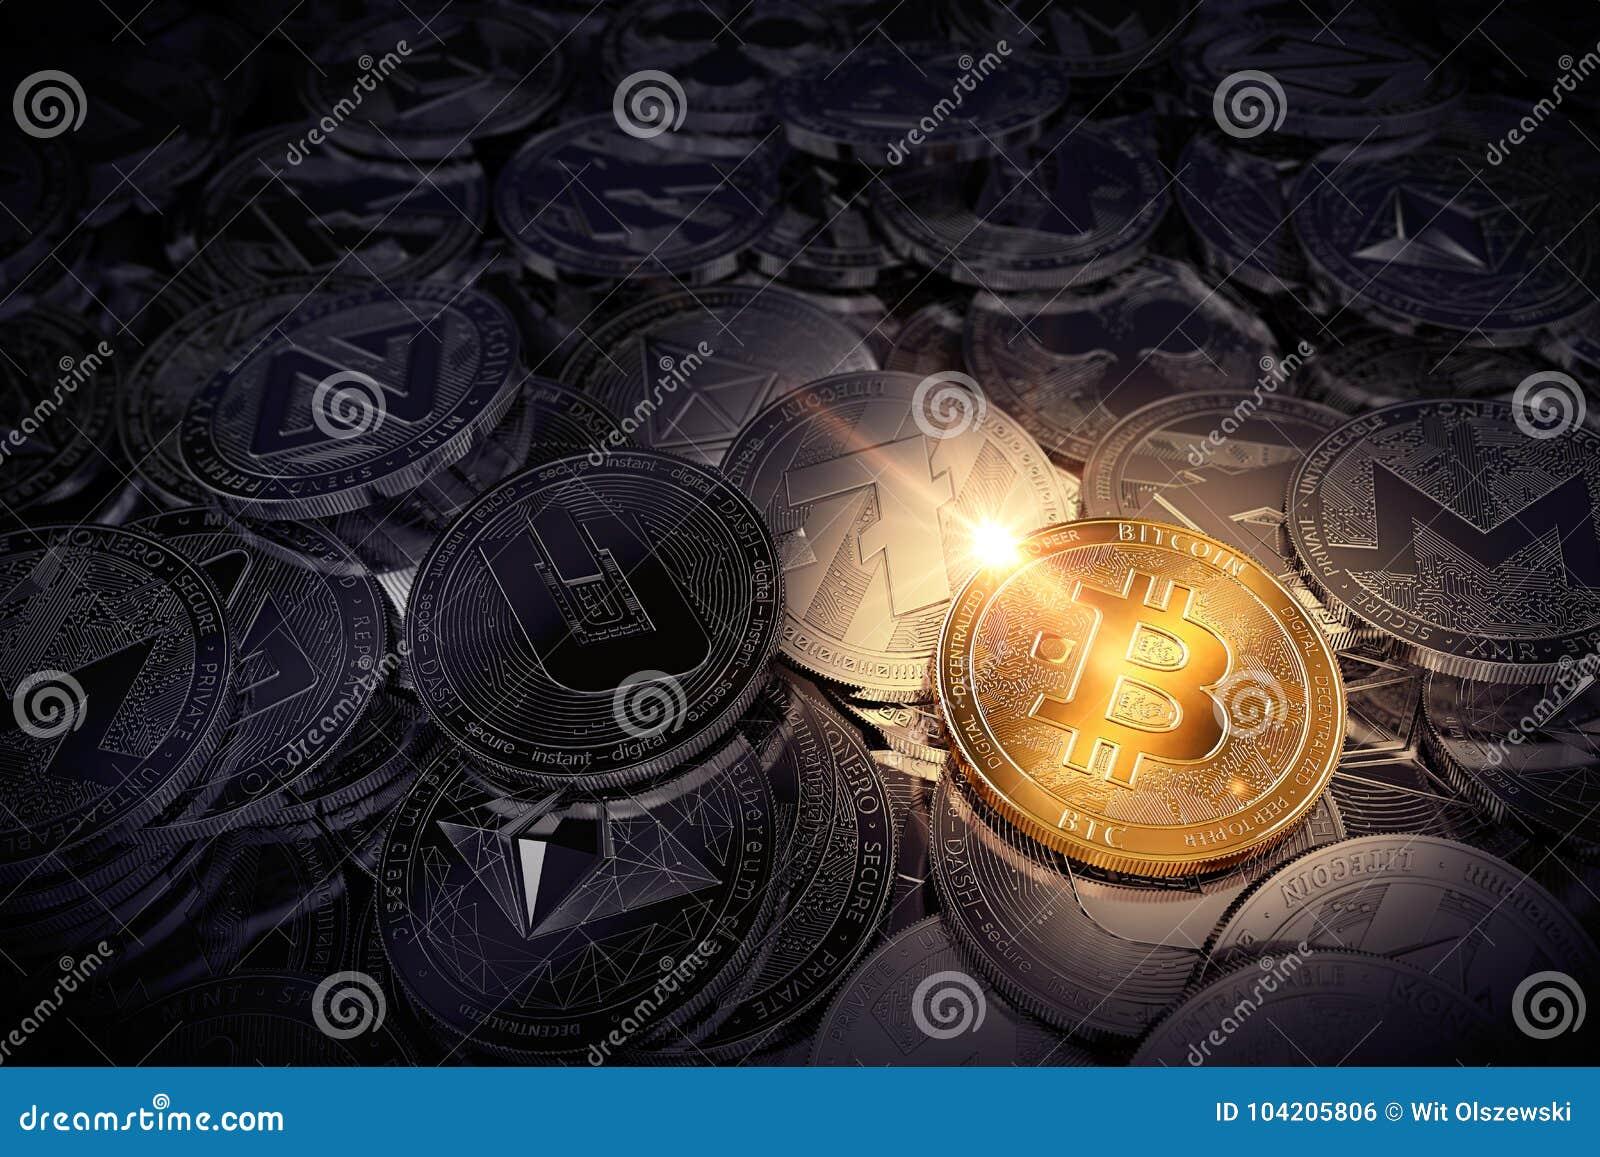 Enormer Stapel körperliche cryptocurrencies mit Bitcoin auf der Front als dem Führer des neuen virtuellen Geldes